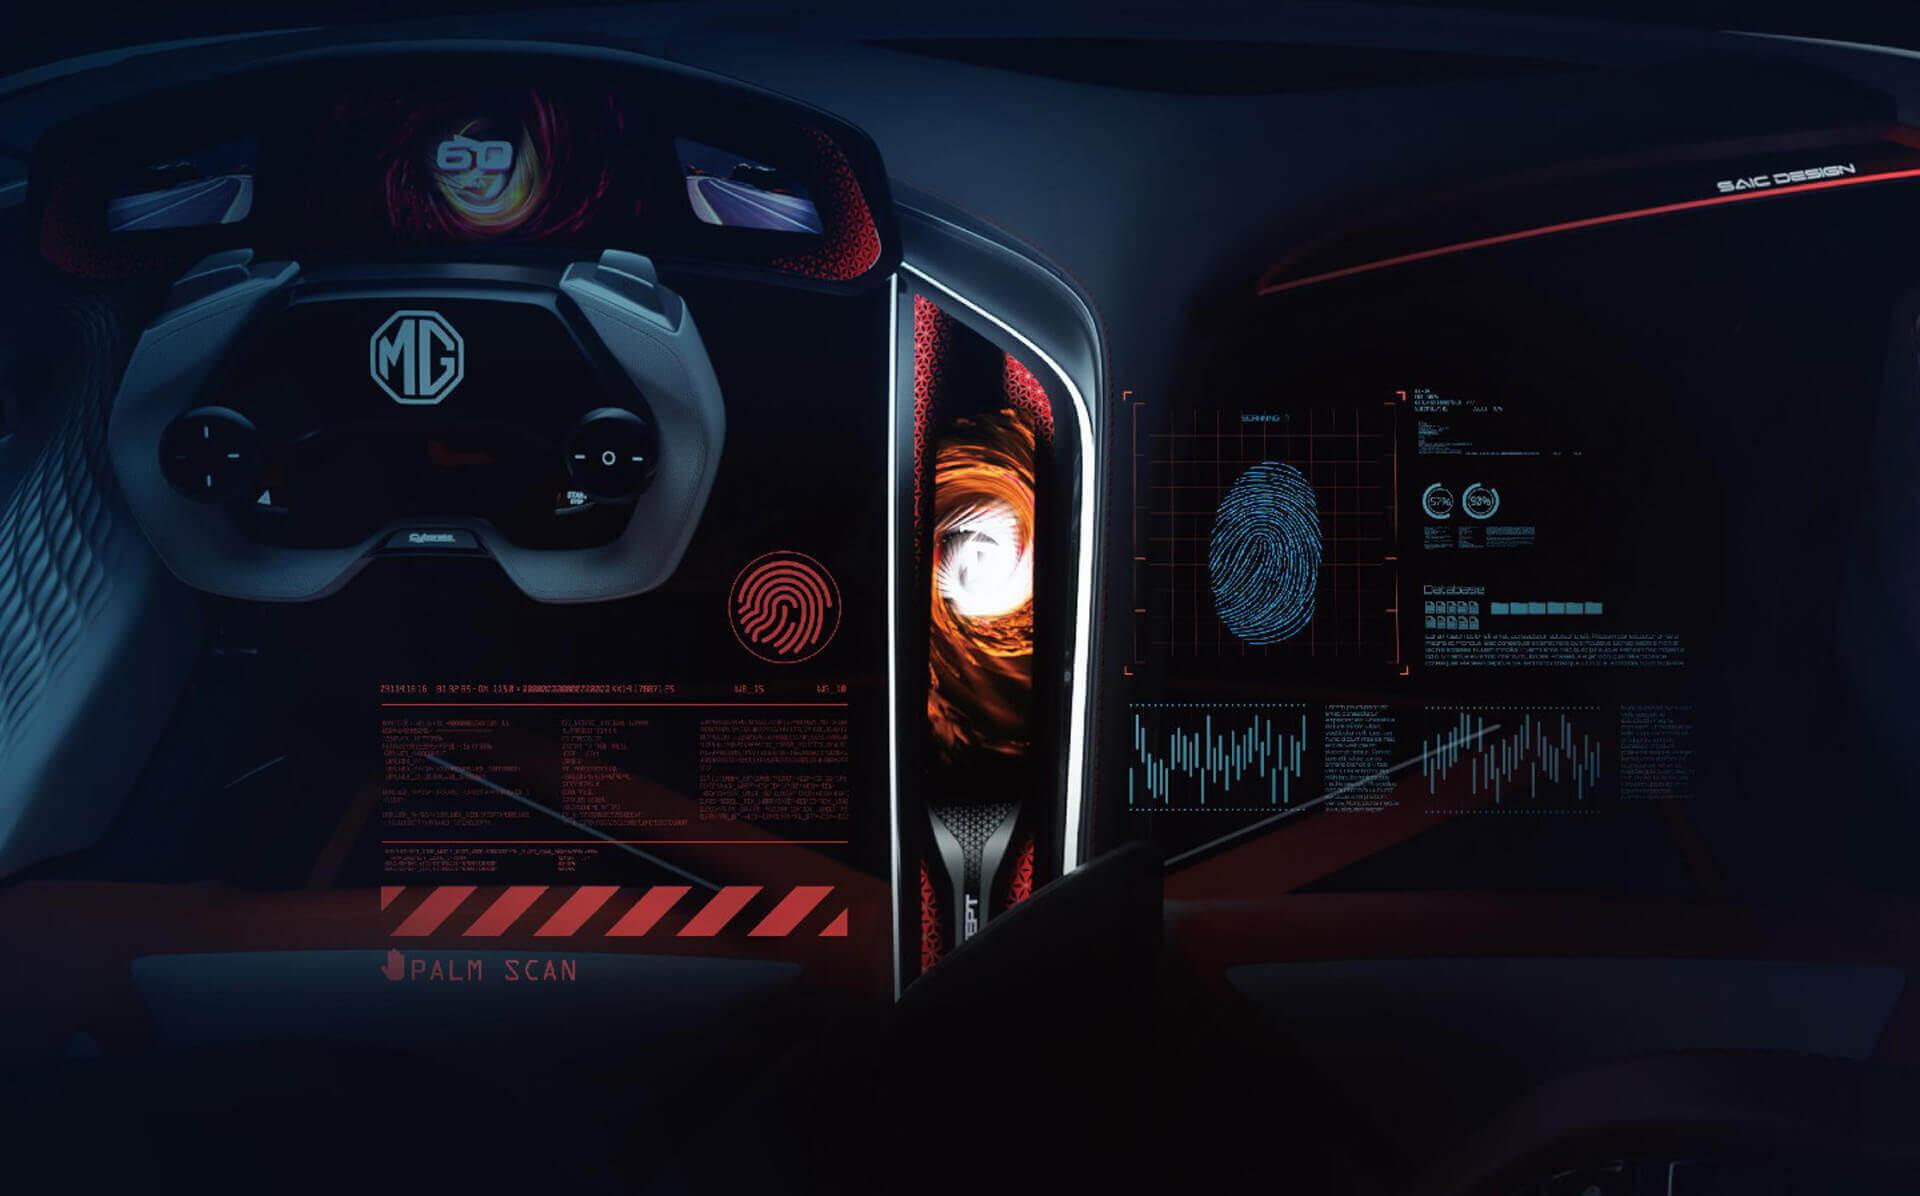 Интерьер MG Cyberster